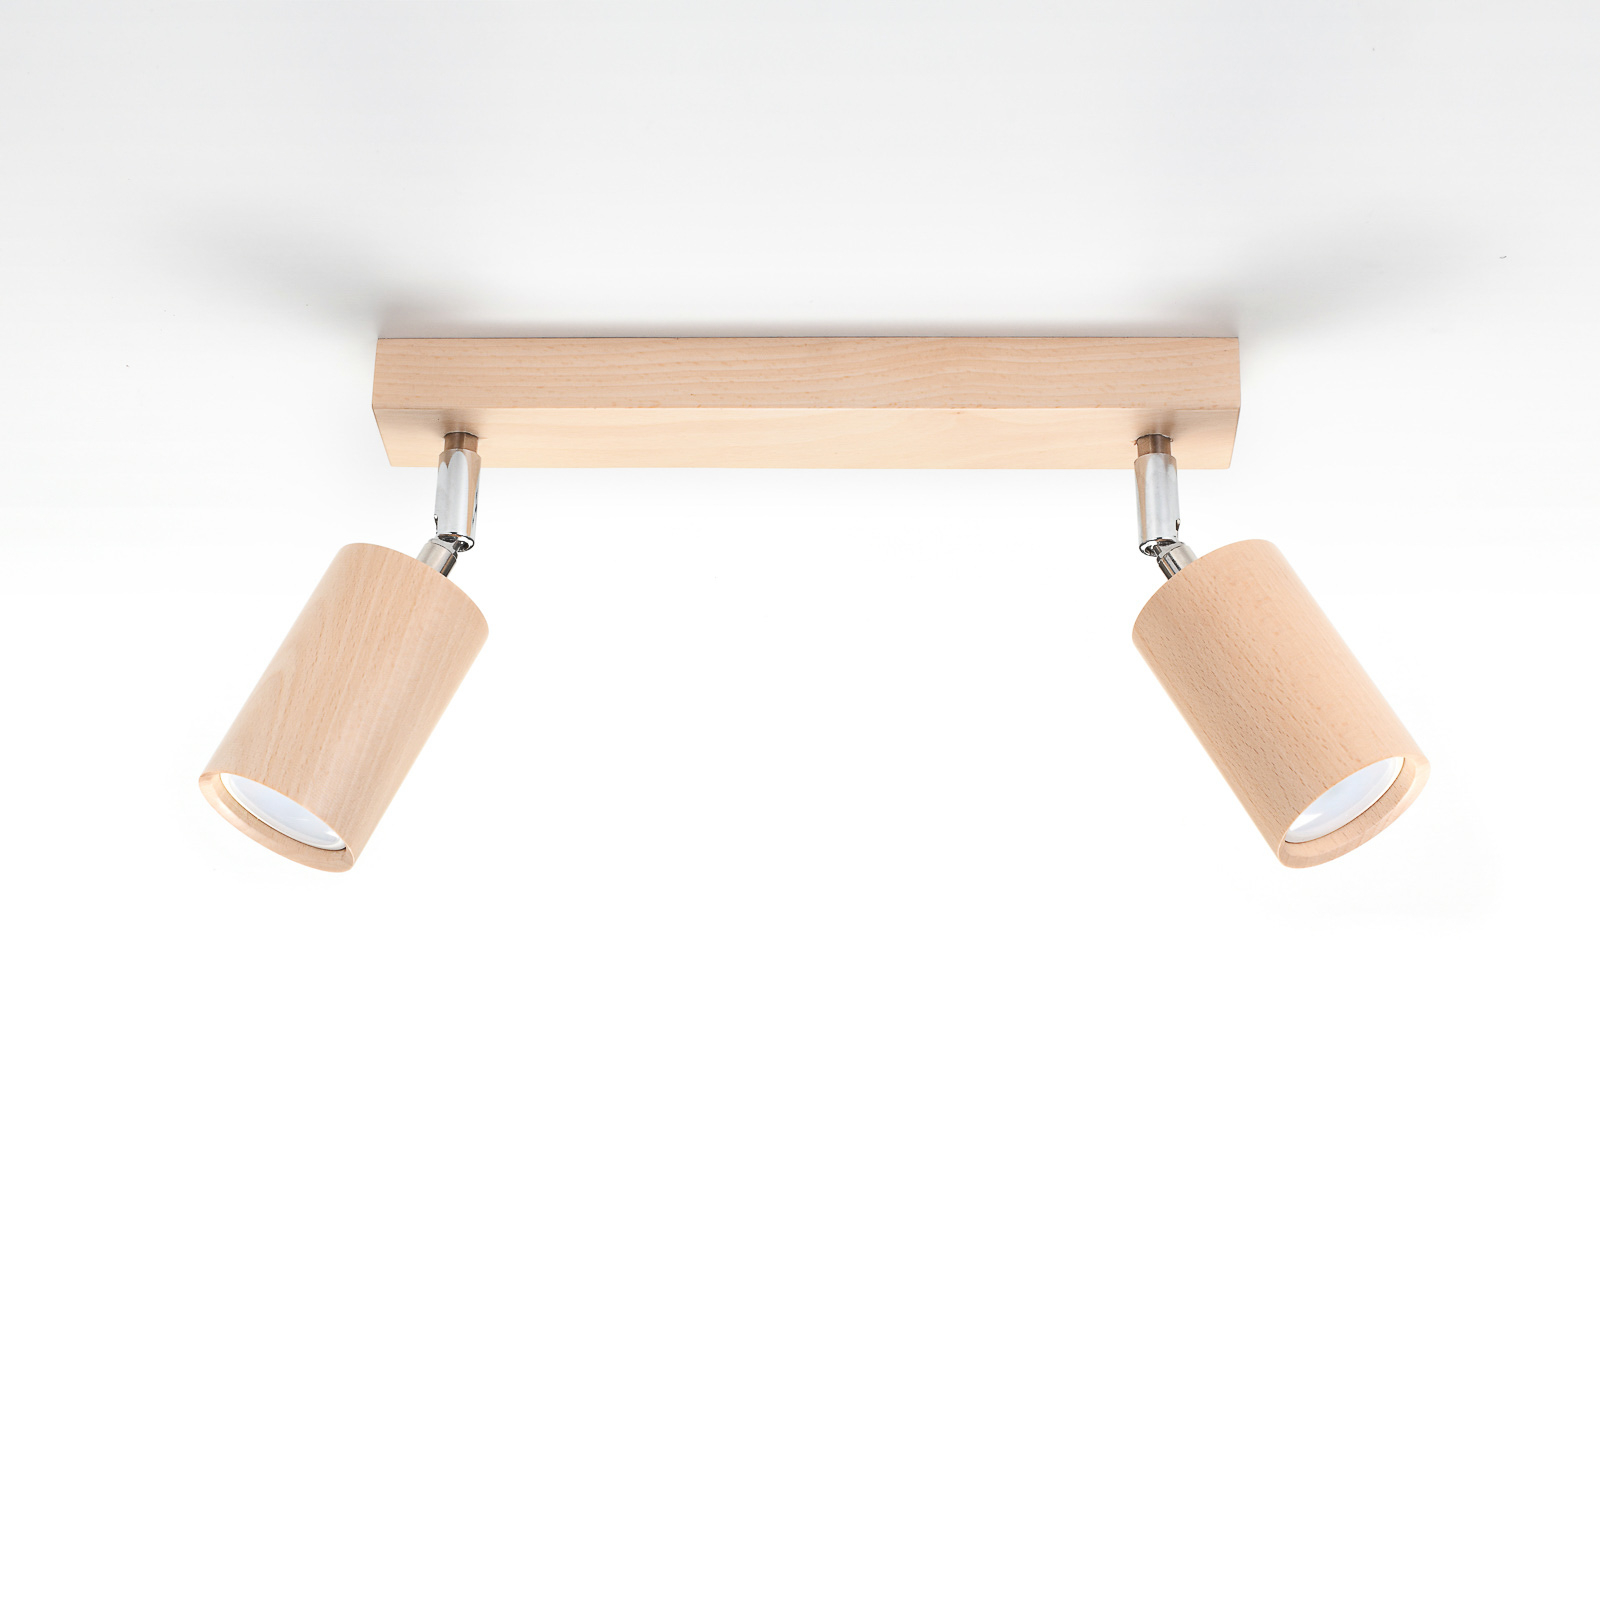 Reflektor sufitowy Cre z drewna, 2-punktowy